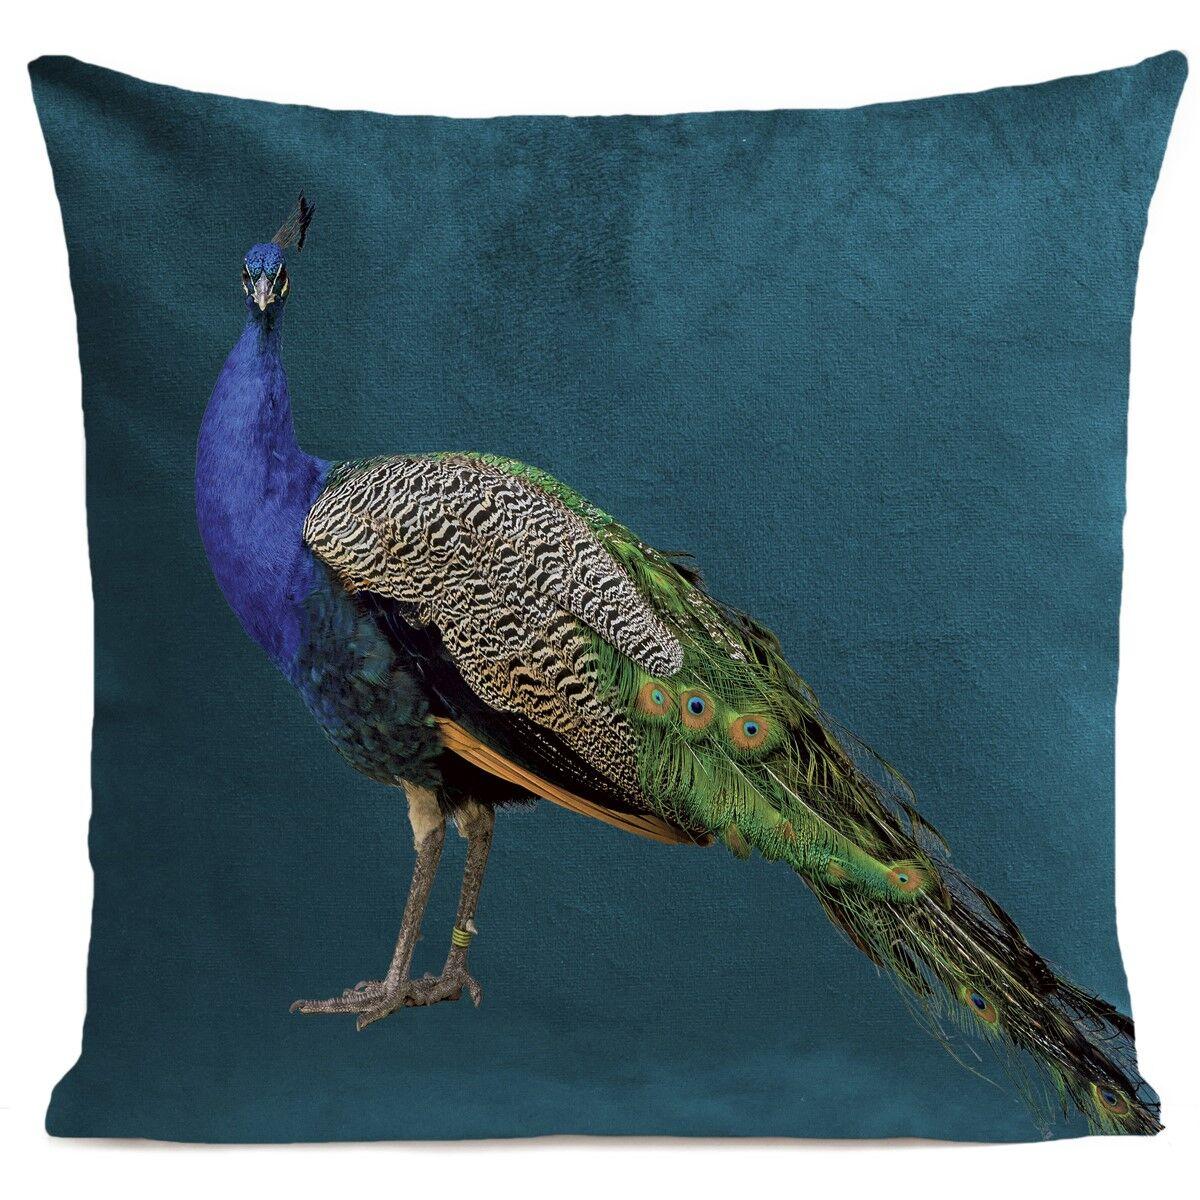 Artpilo Coussin velours carré imprimé animaux bleu canard 60x60